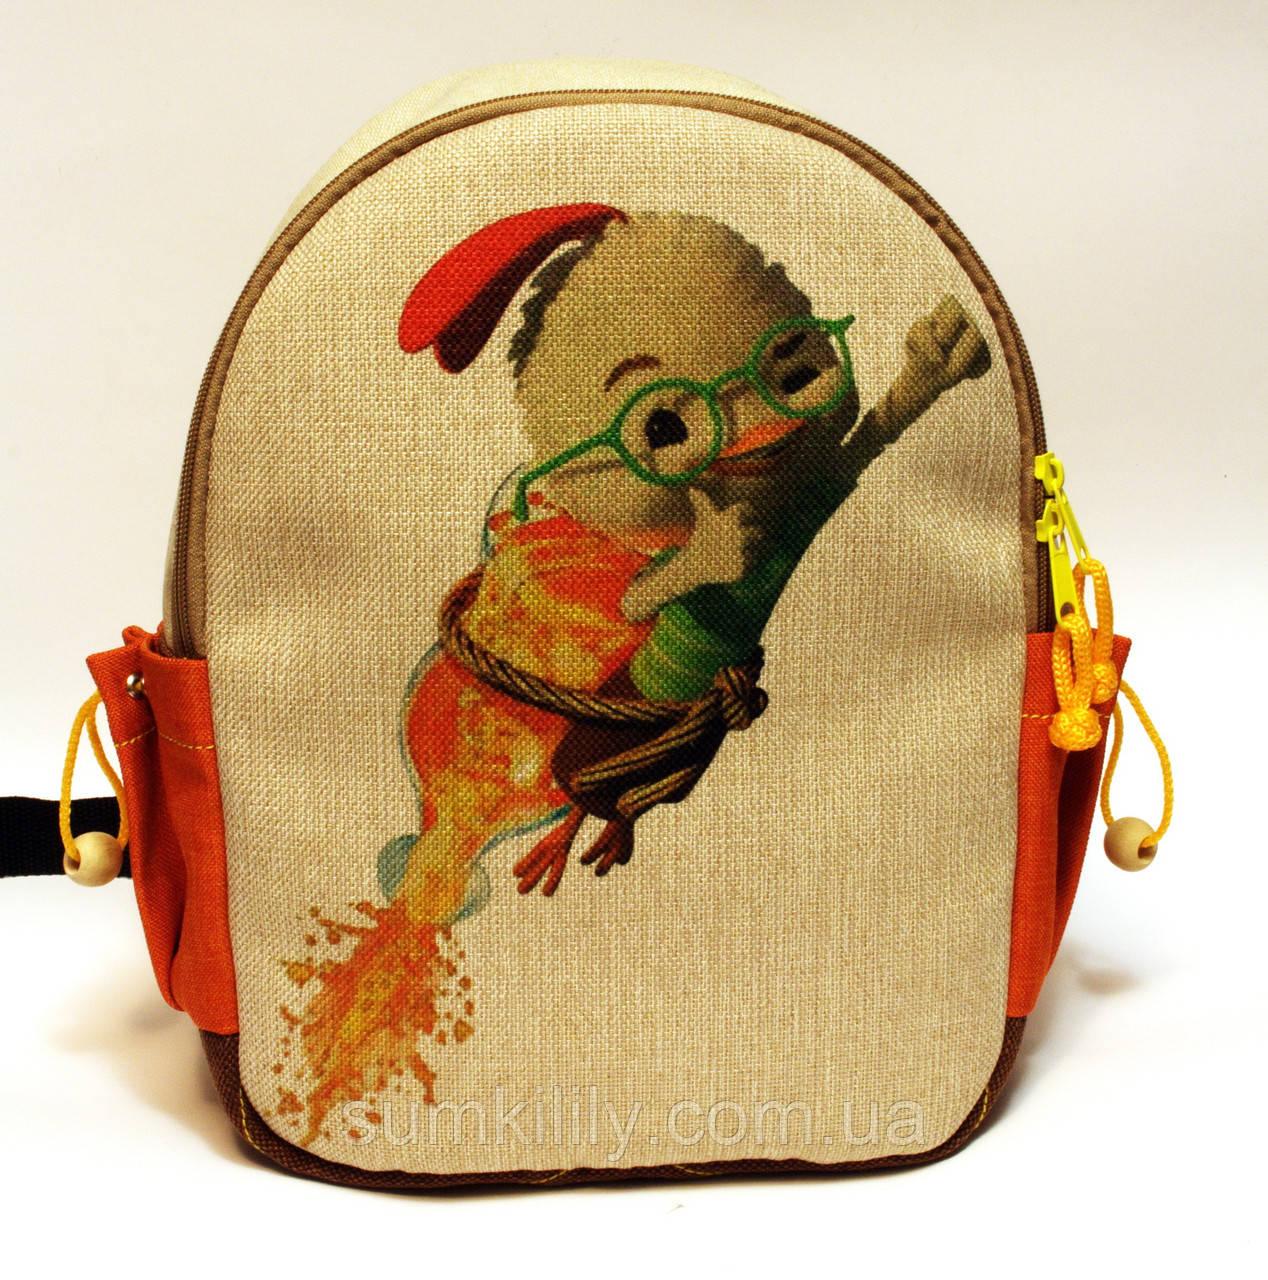 Детский рюкзак Цыпа